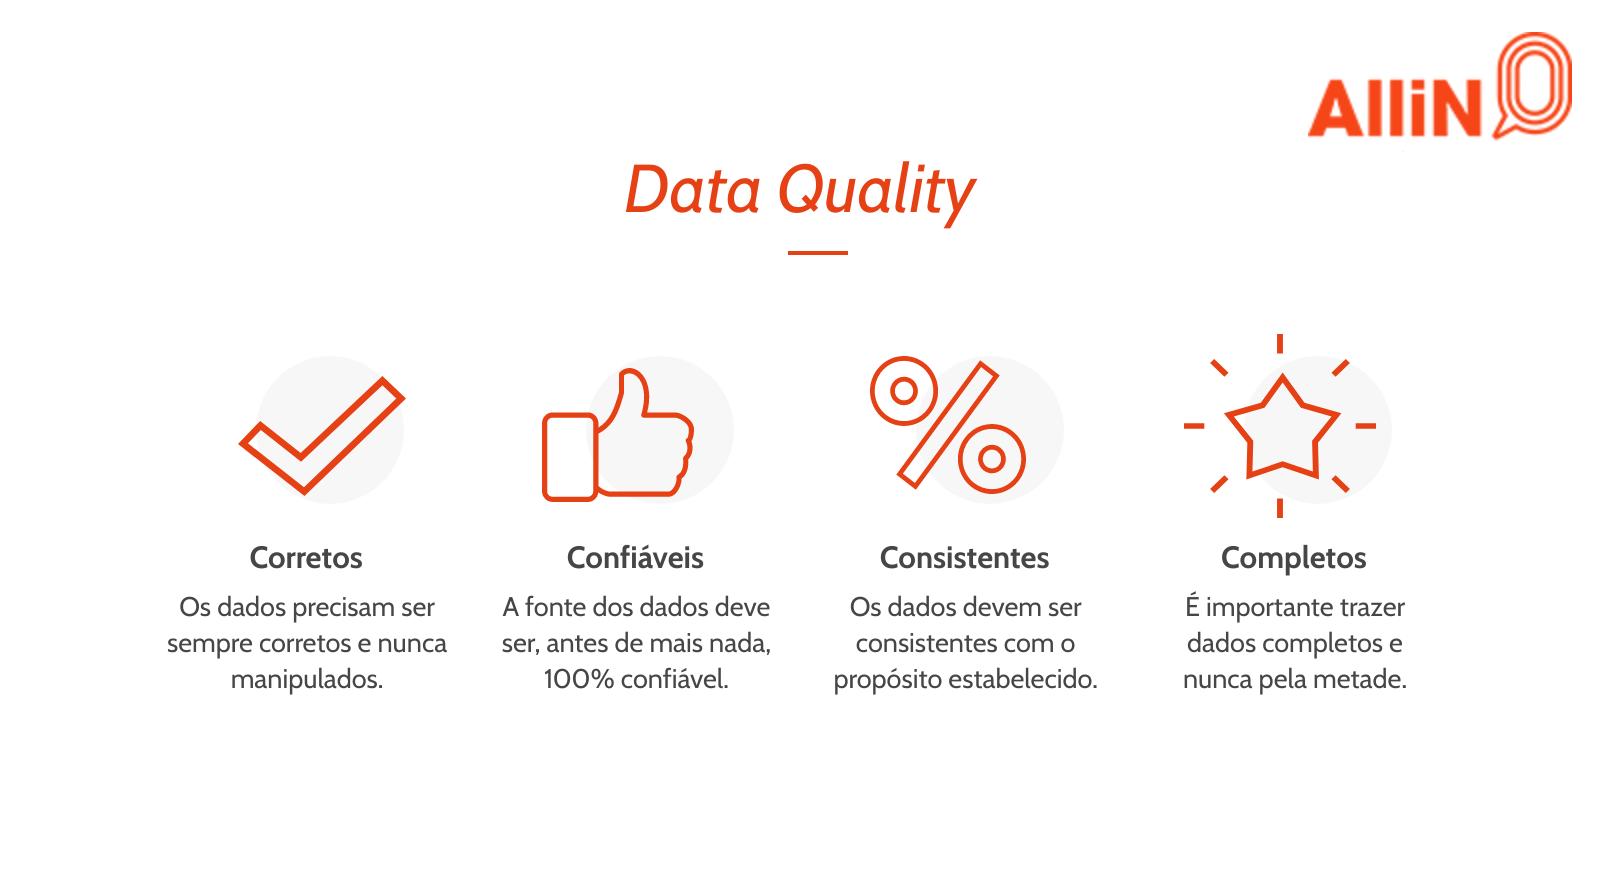 A qualidade dos dados que uma empresa possui pode ser um fator determinante para o seu próprio crescimento!